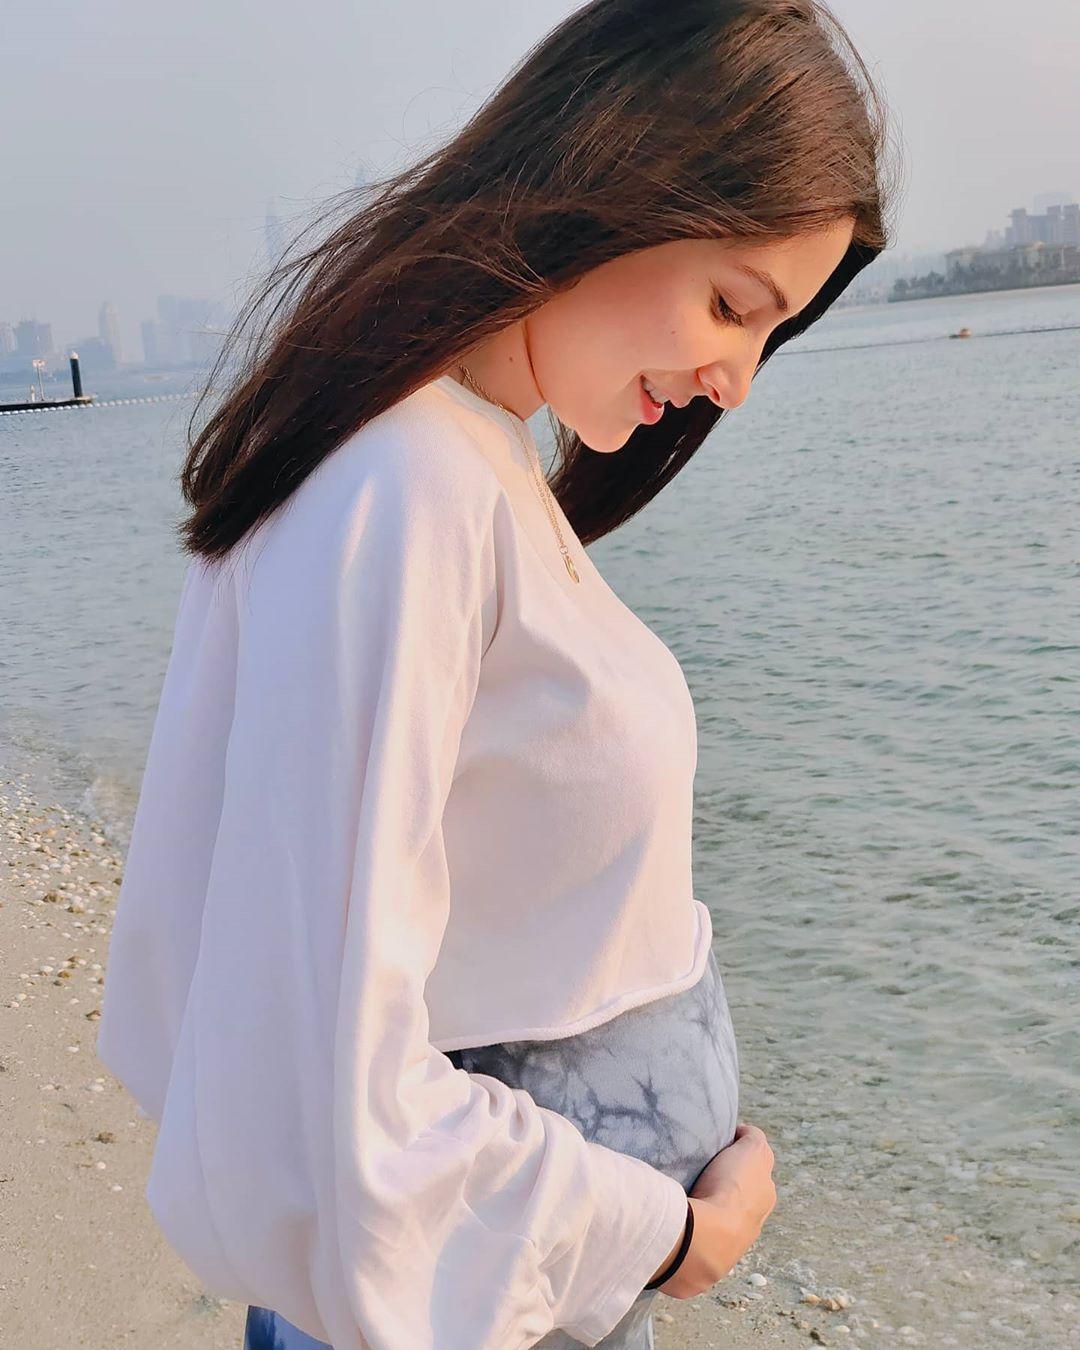 यानंतर अनुष्काने आपला बेबी बंपसह आणखी एक फोटो शेअर केला होता. एका समुद्रकिनाऱ्यावरचा हा फोटोही सुंदर होता.